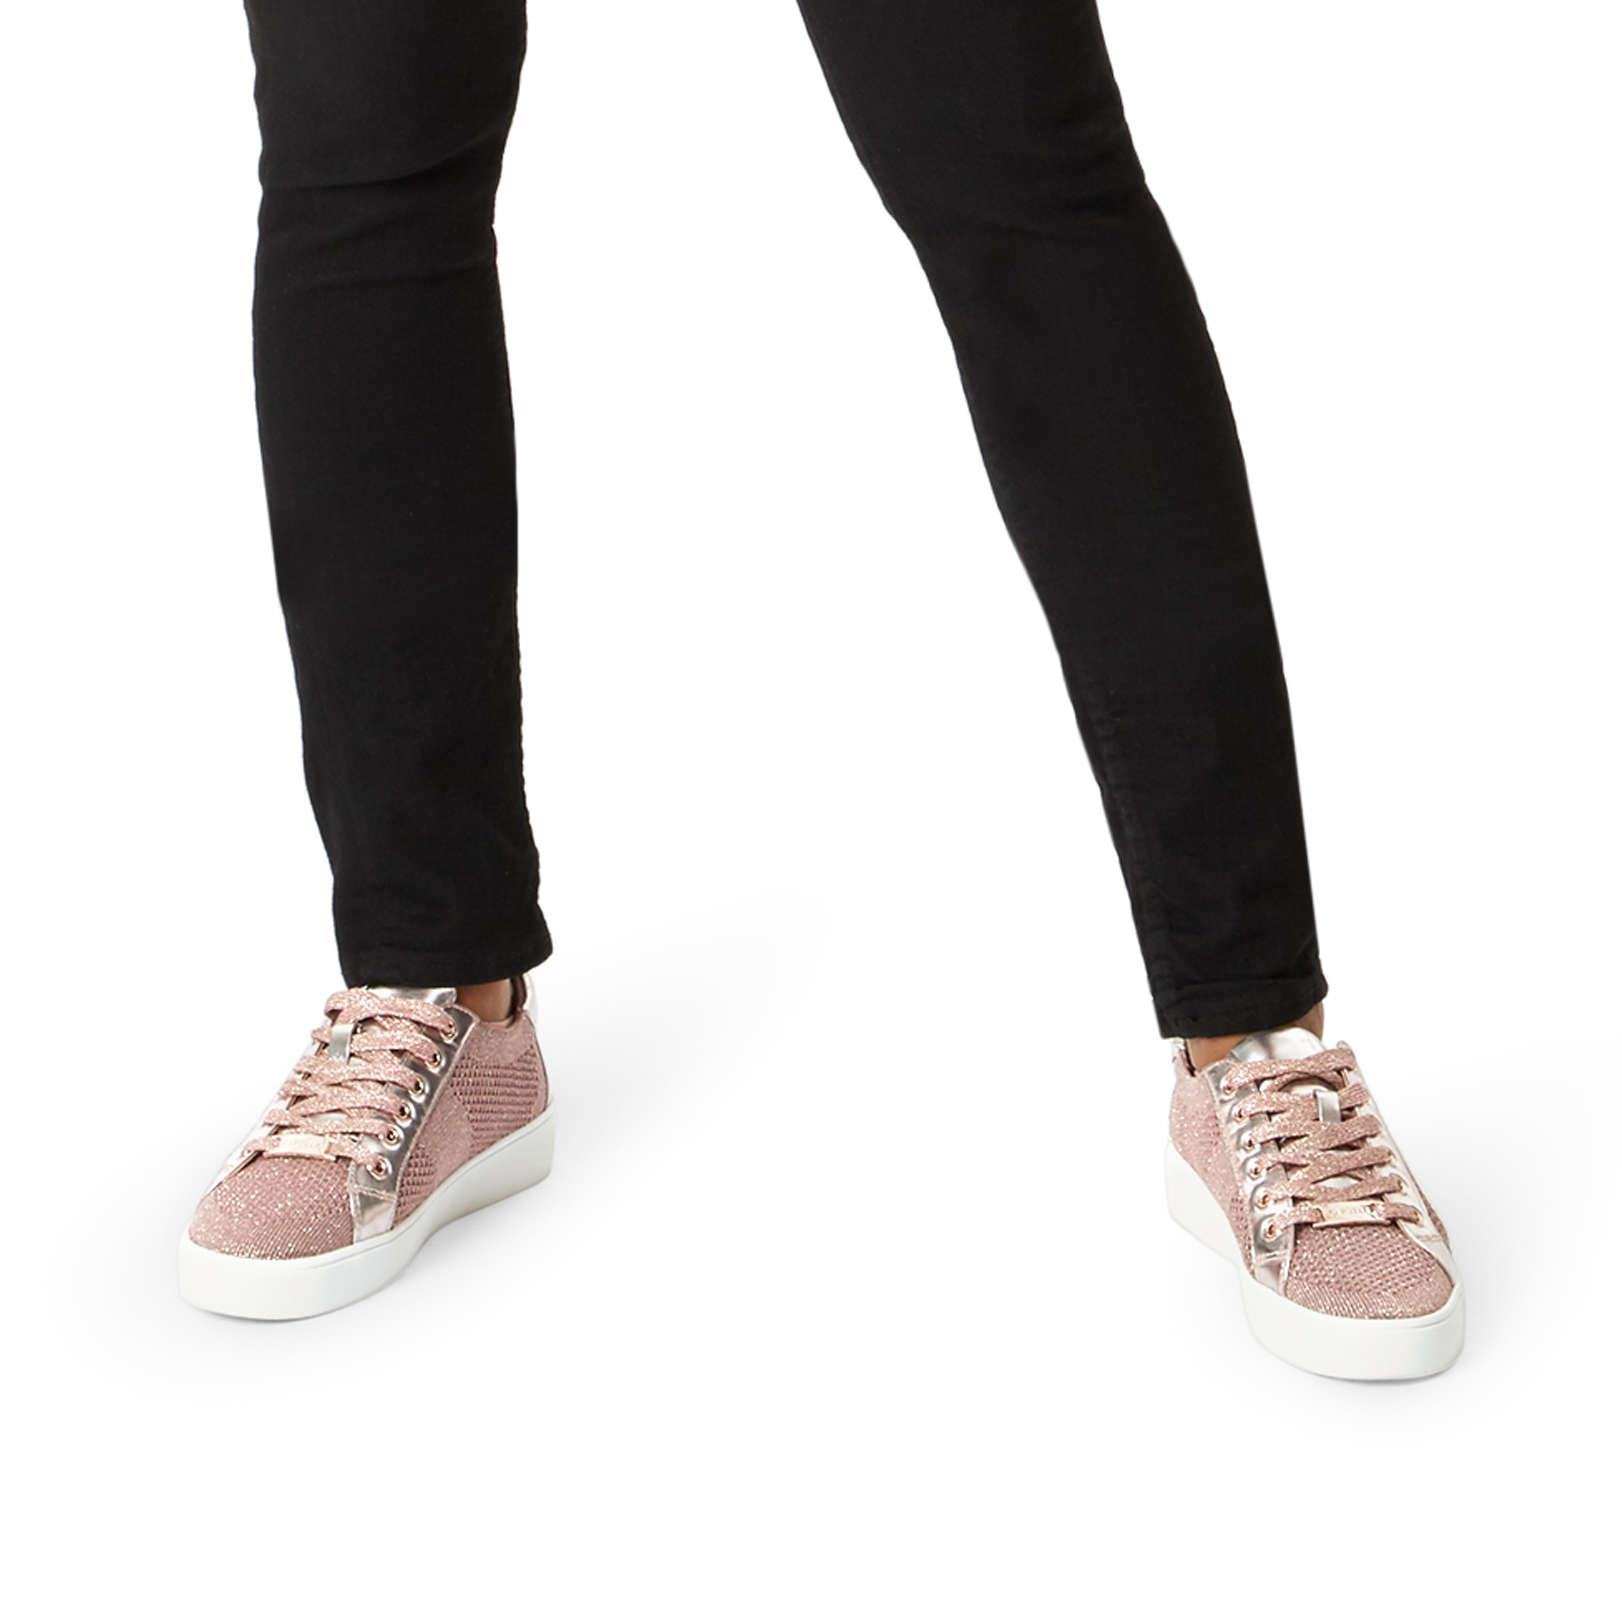 JEALOUSY - CARVELA Sneakers